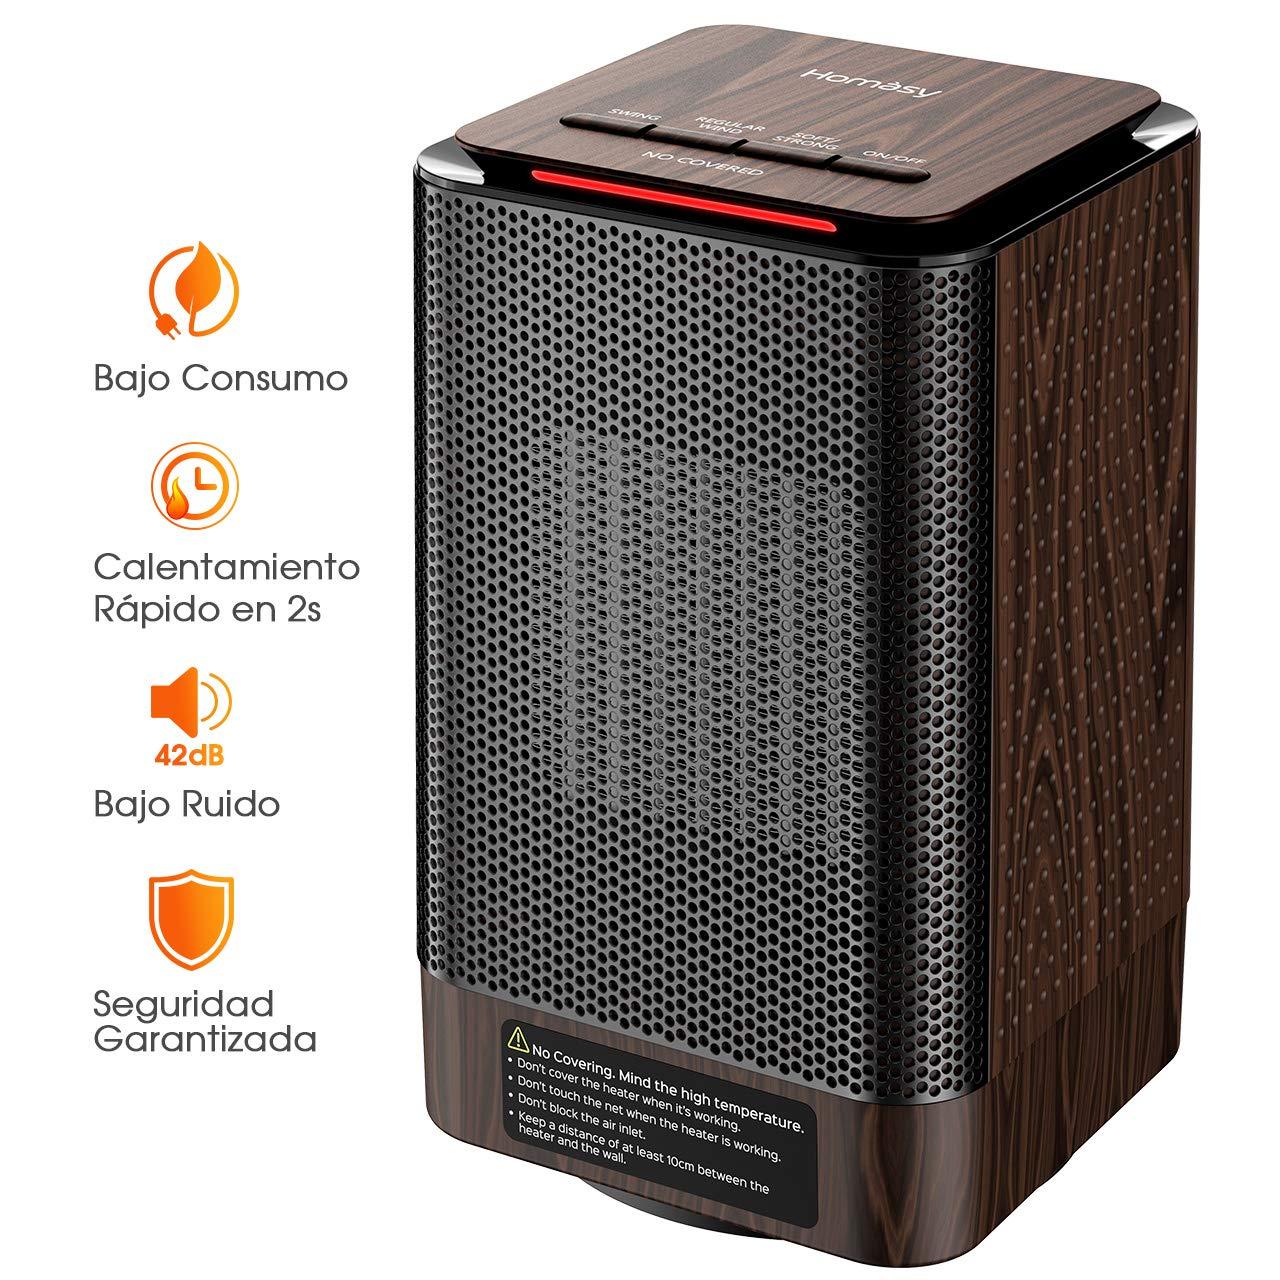 Homasy Calefactor Electrico Bajo Consumo, Calefactor Ceramico PTC 950W de Aire Caliente Ajustable, Bajo